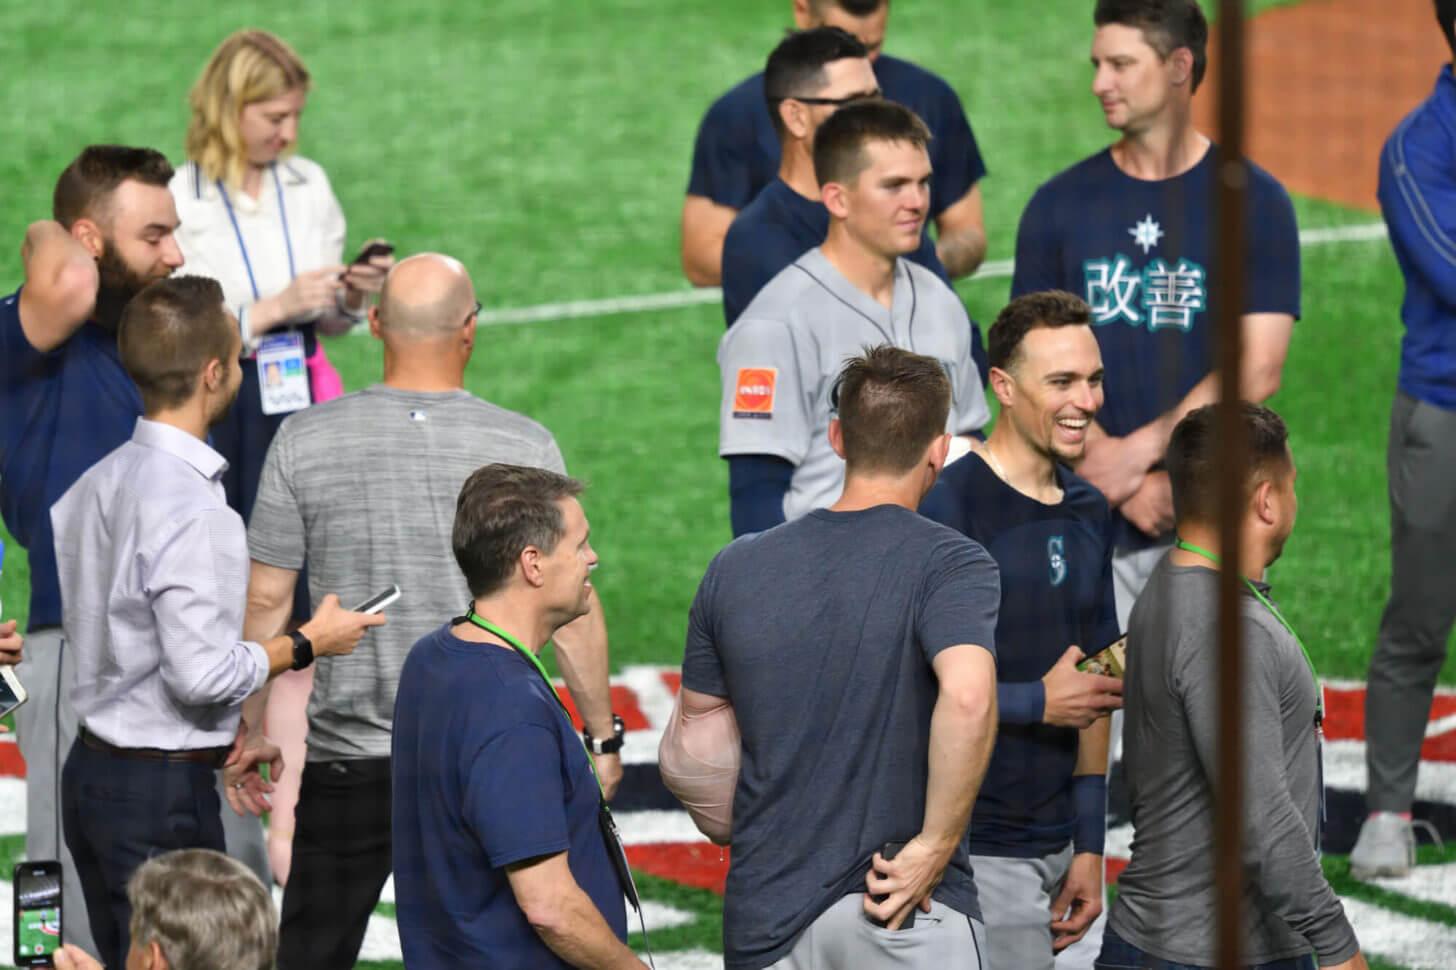 引退試合終了後場内を回るイチローを見守るチームメイト